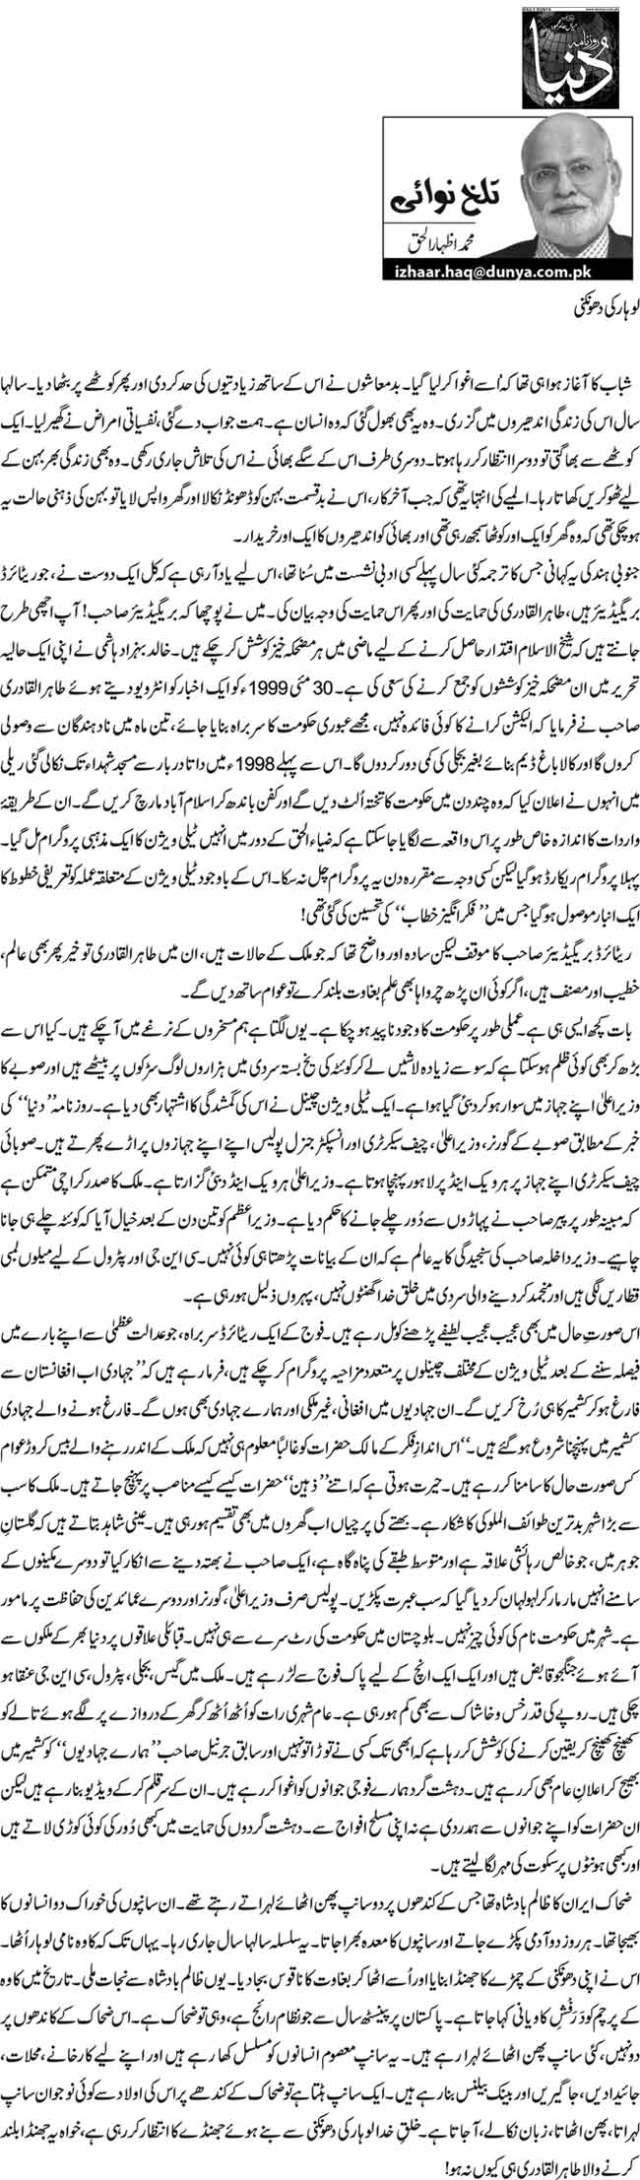 Lohar ki dhonkni - M. Izhar ul Haq